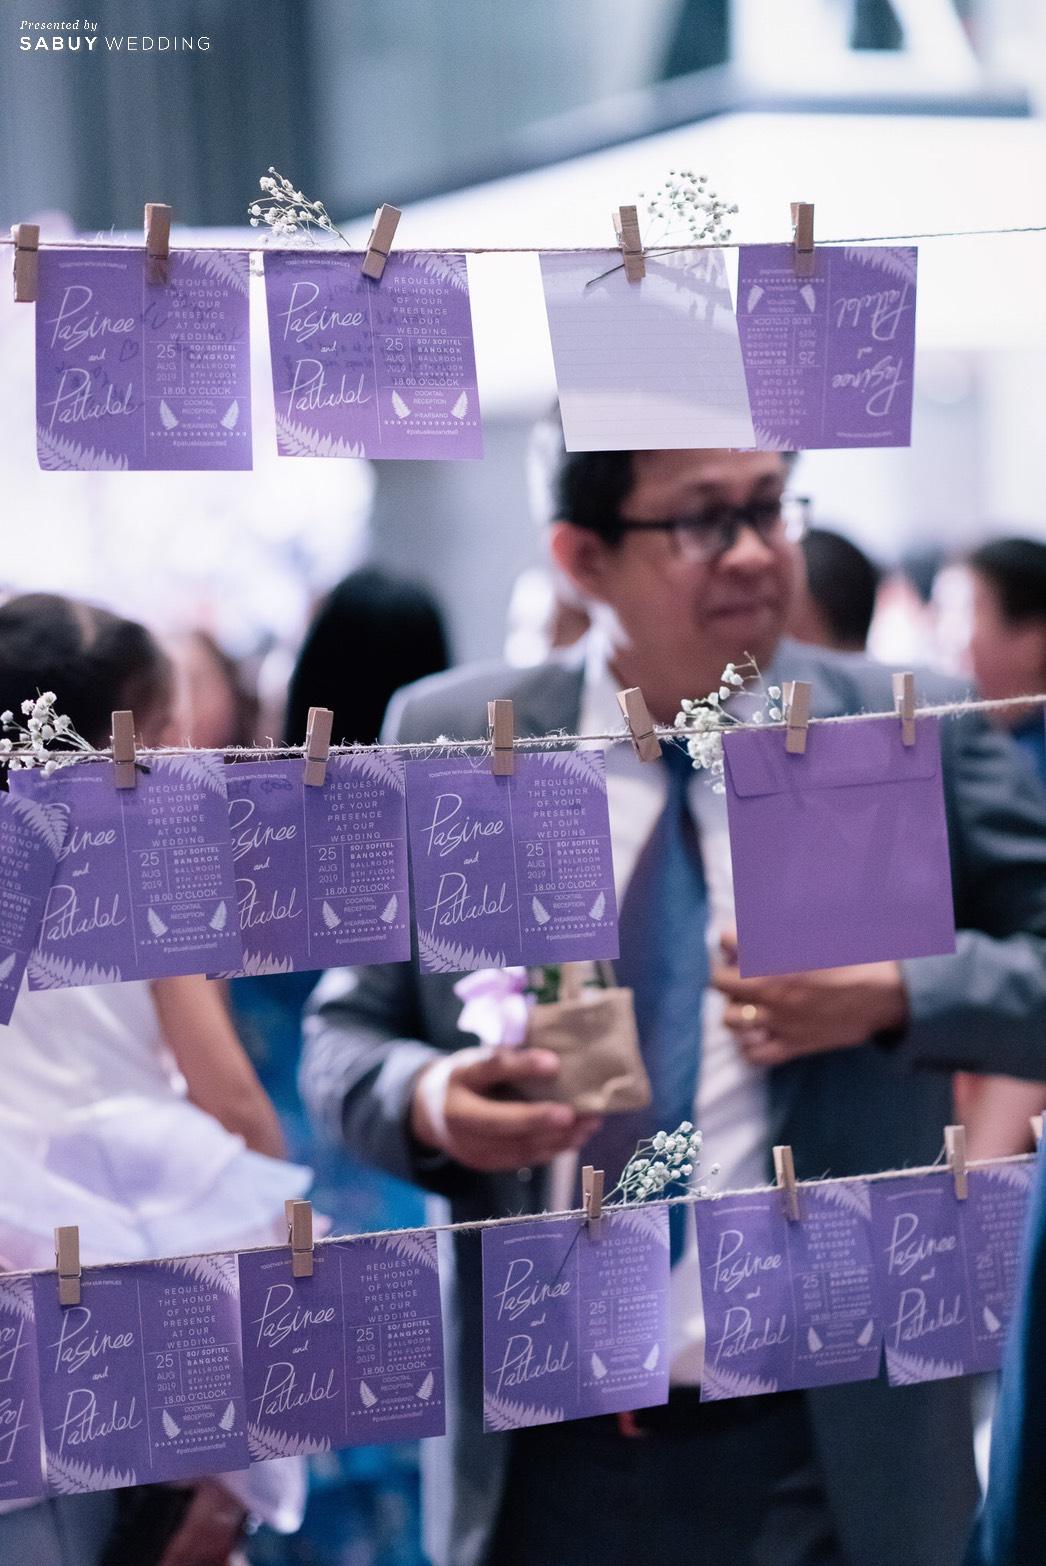 การ์ดแต่งงาน รีวิวงานแต่ง Minimal in Lavender เก๋ไม่ซ้ำใครสไตล์ Go Green @ SO/BANGKOK